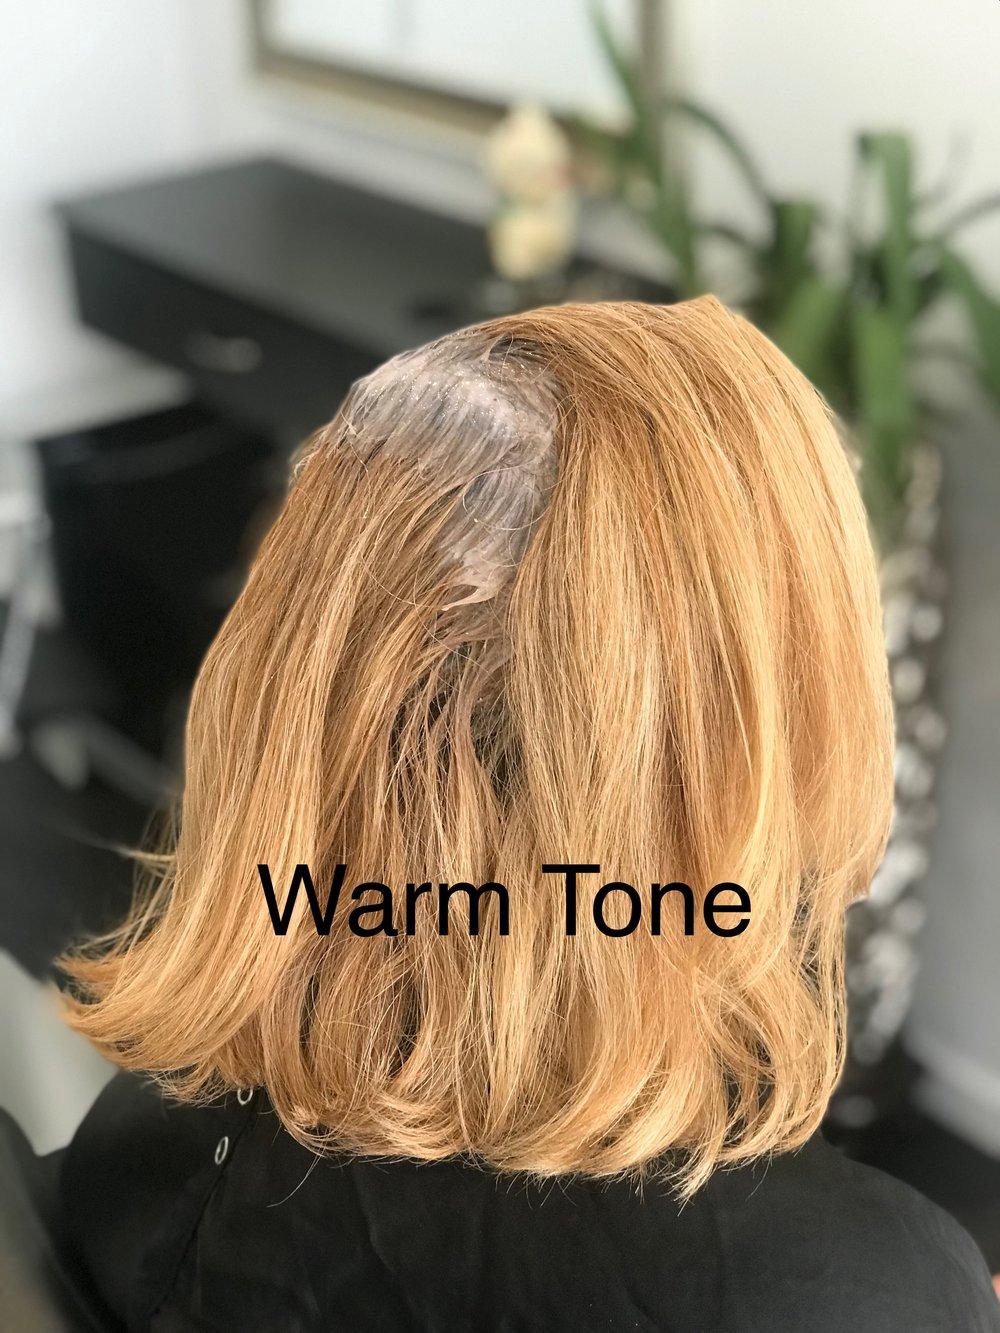 Warm tone hair 1